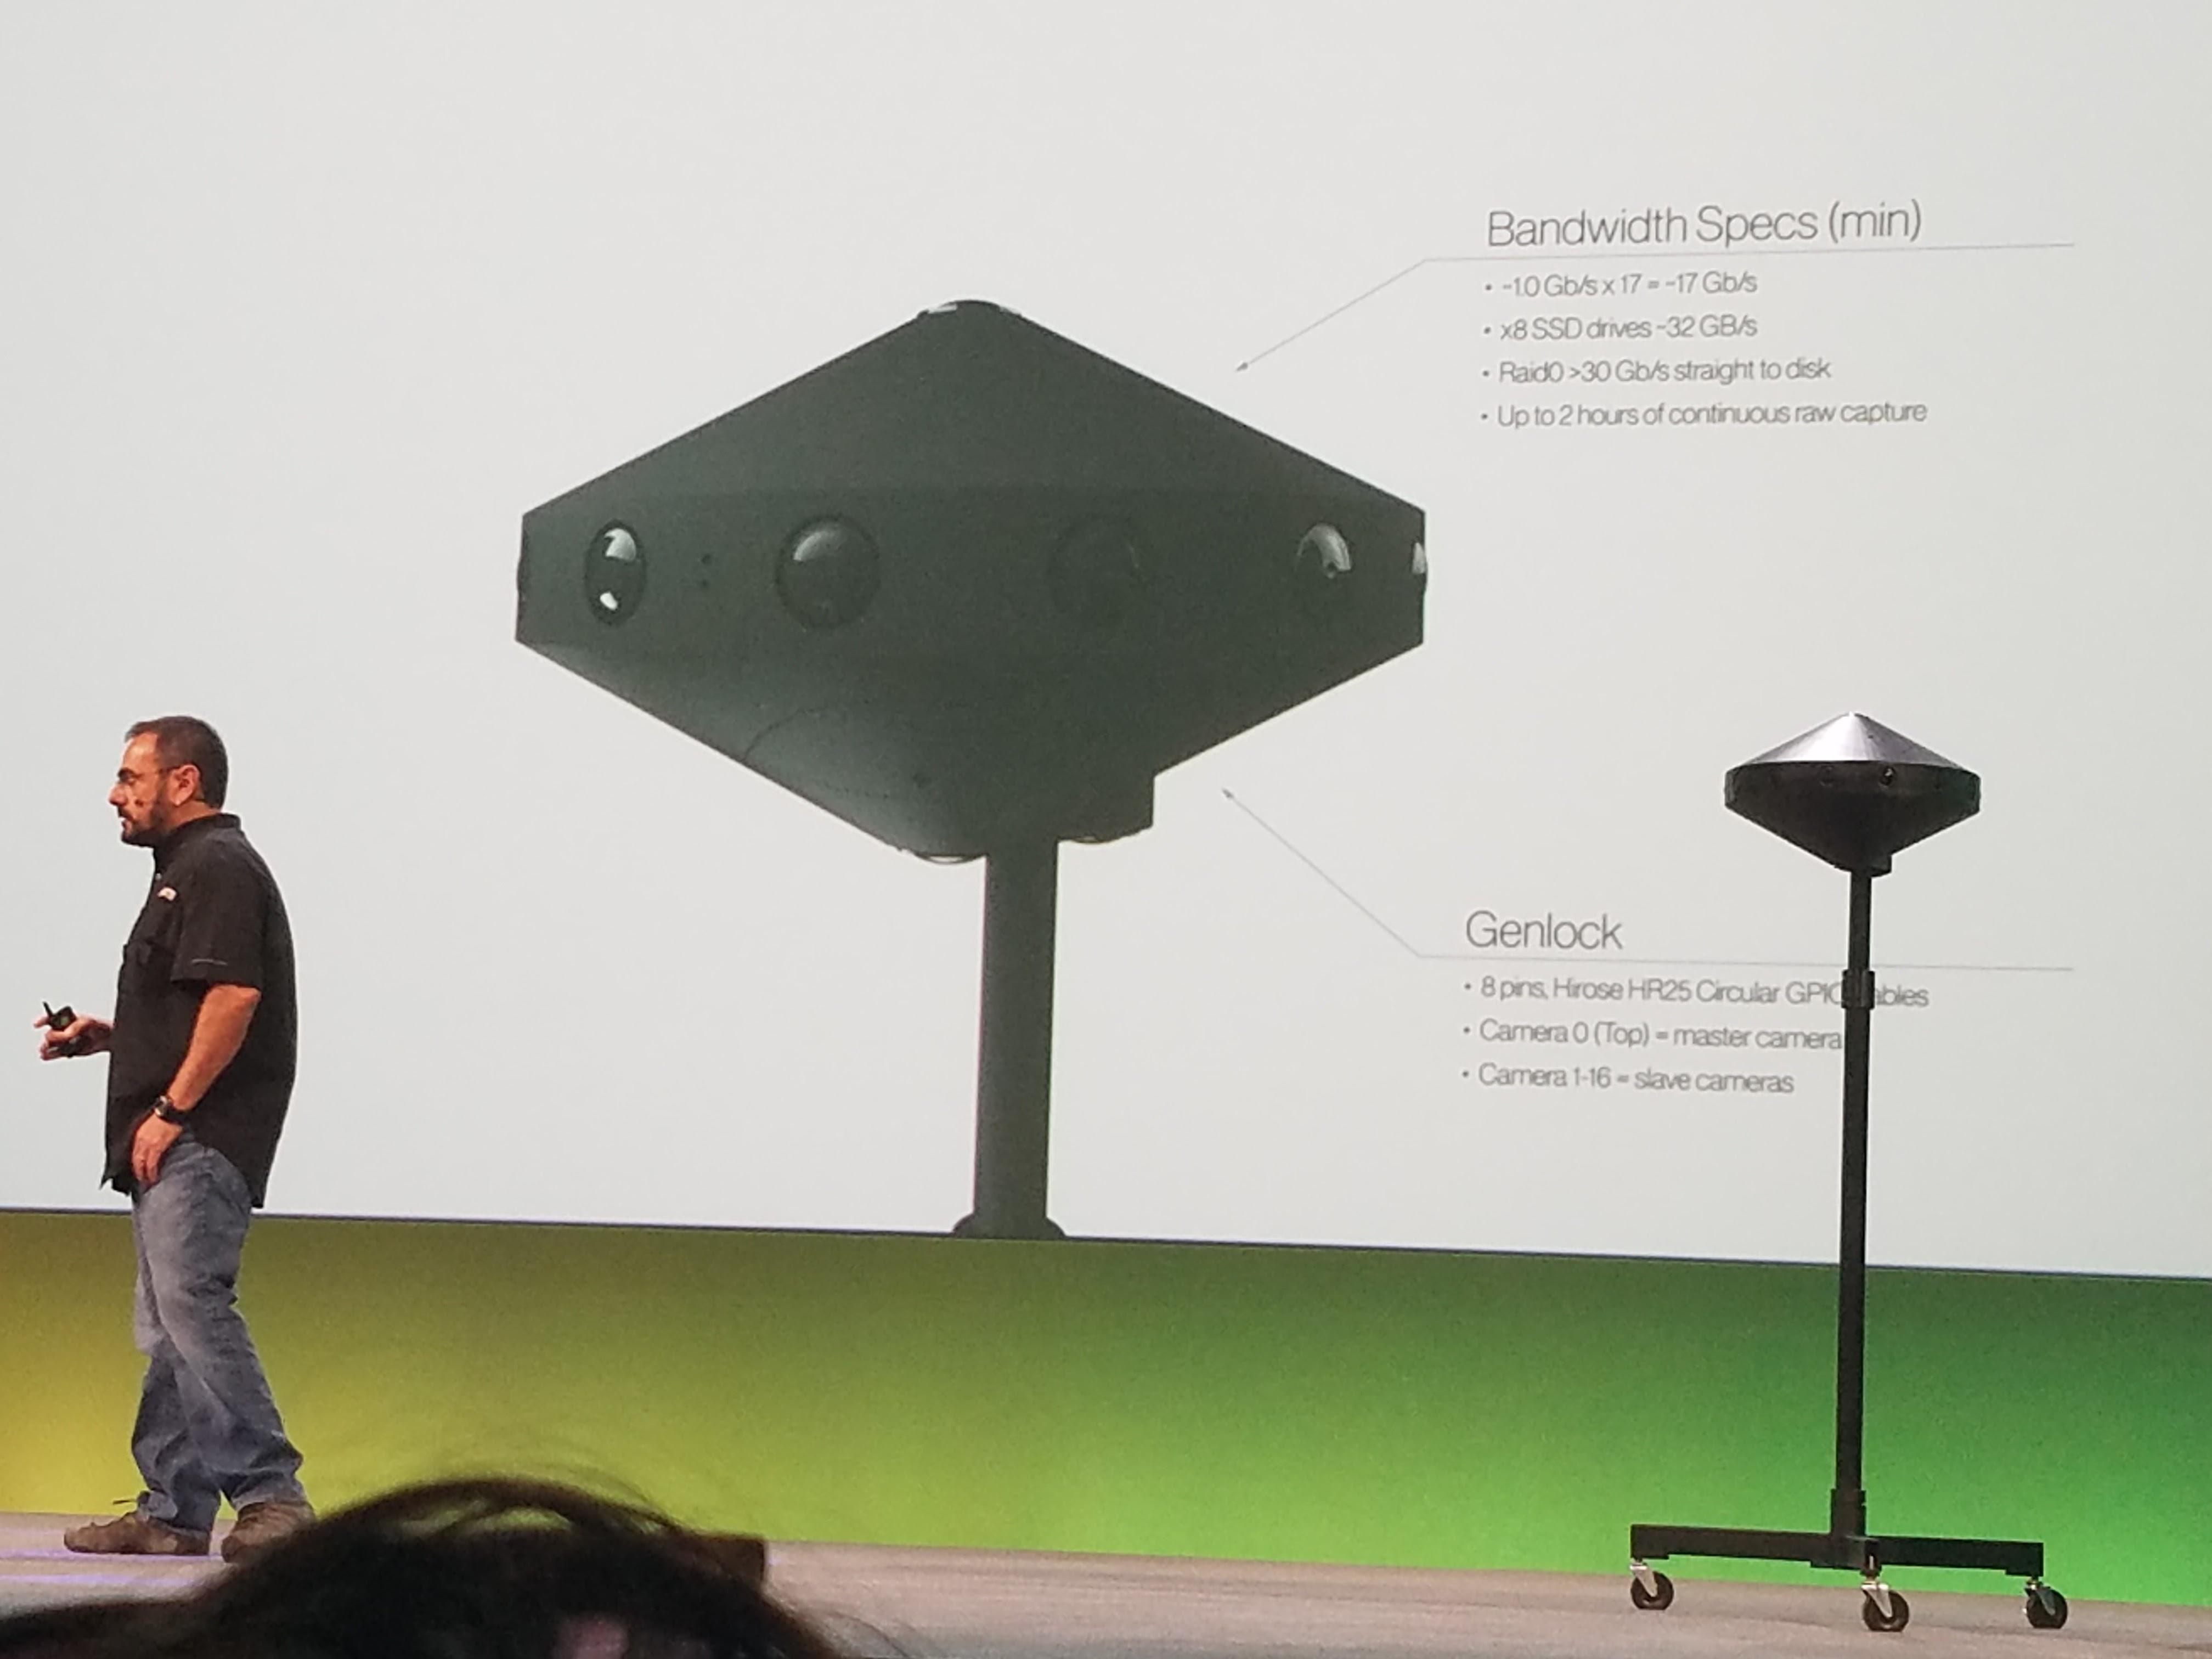 Surround 360 skaper 17Gb med innhold i sekundet.